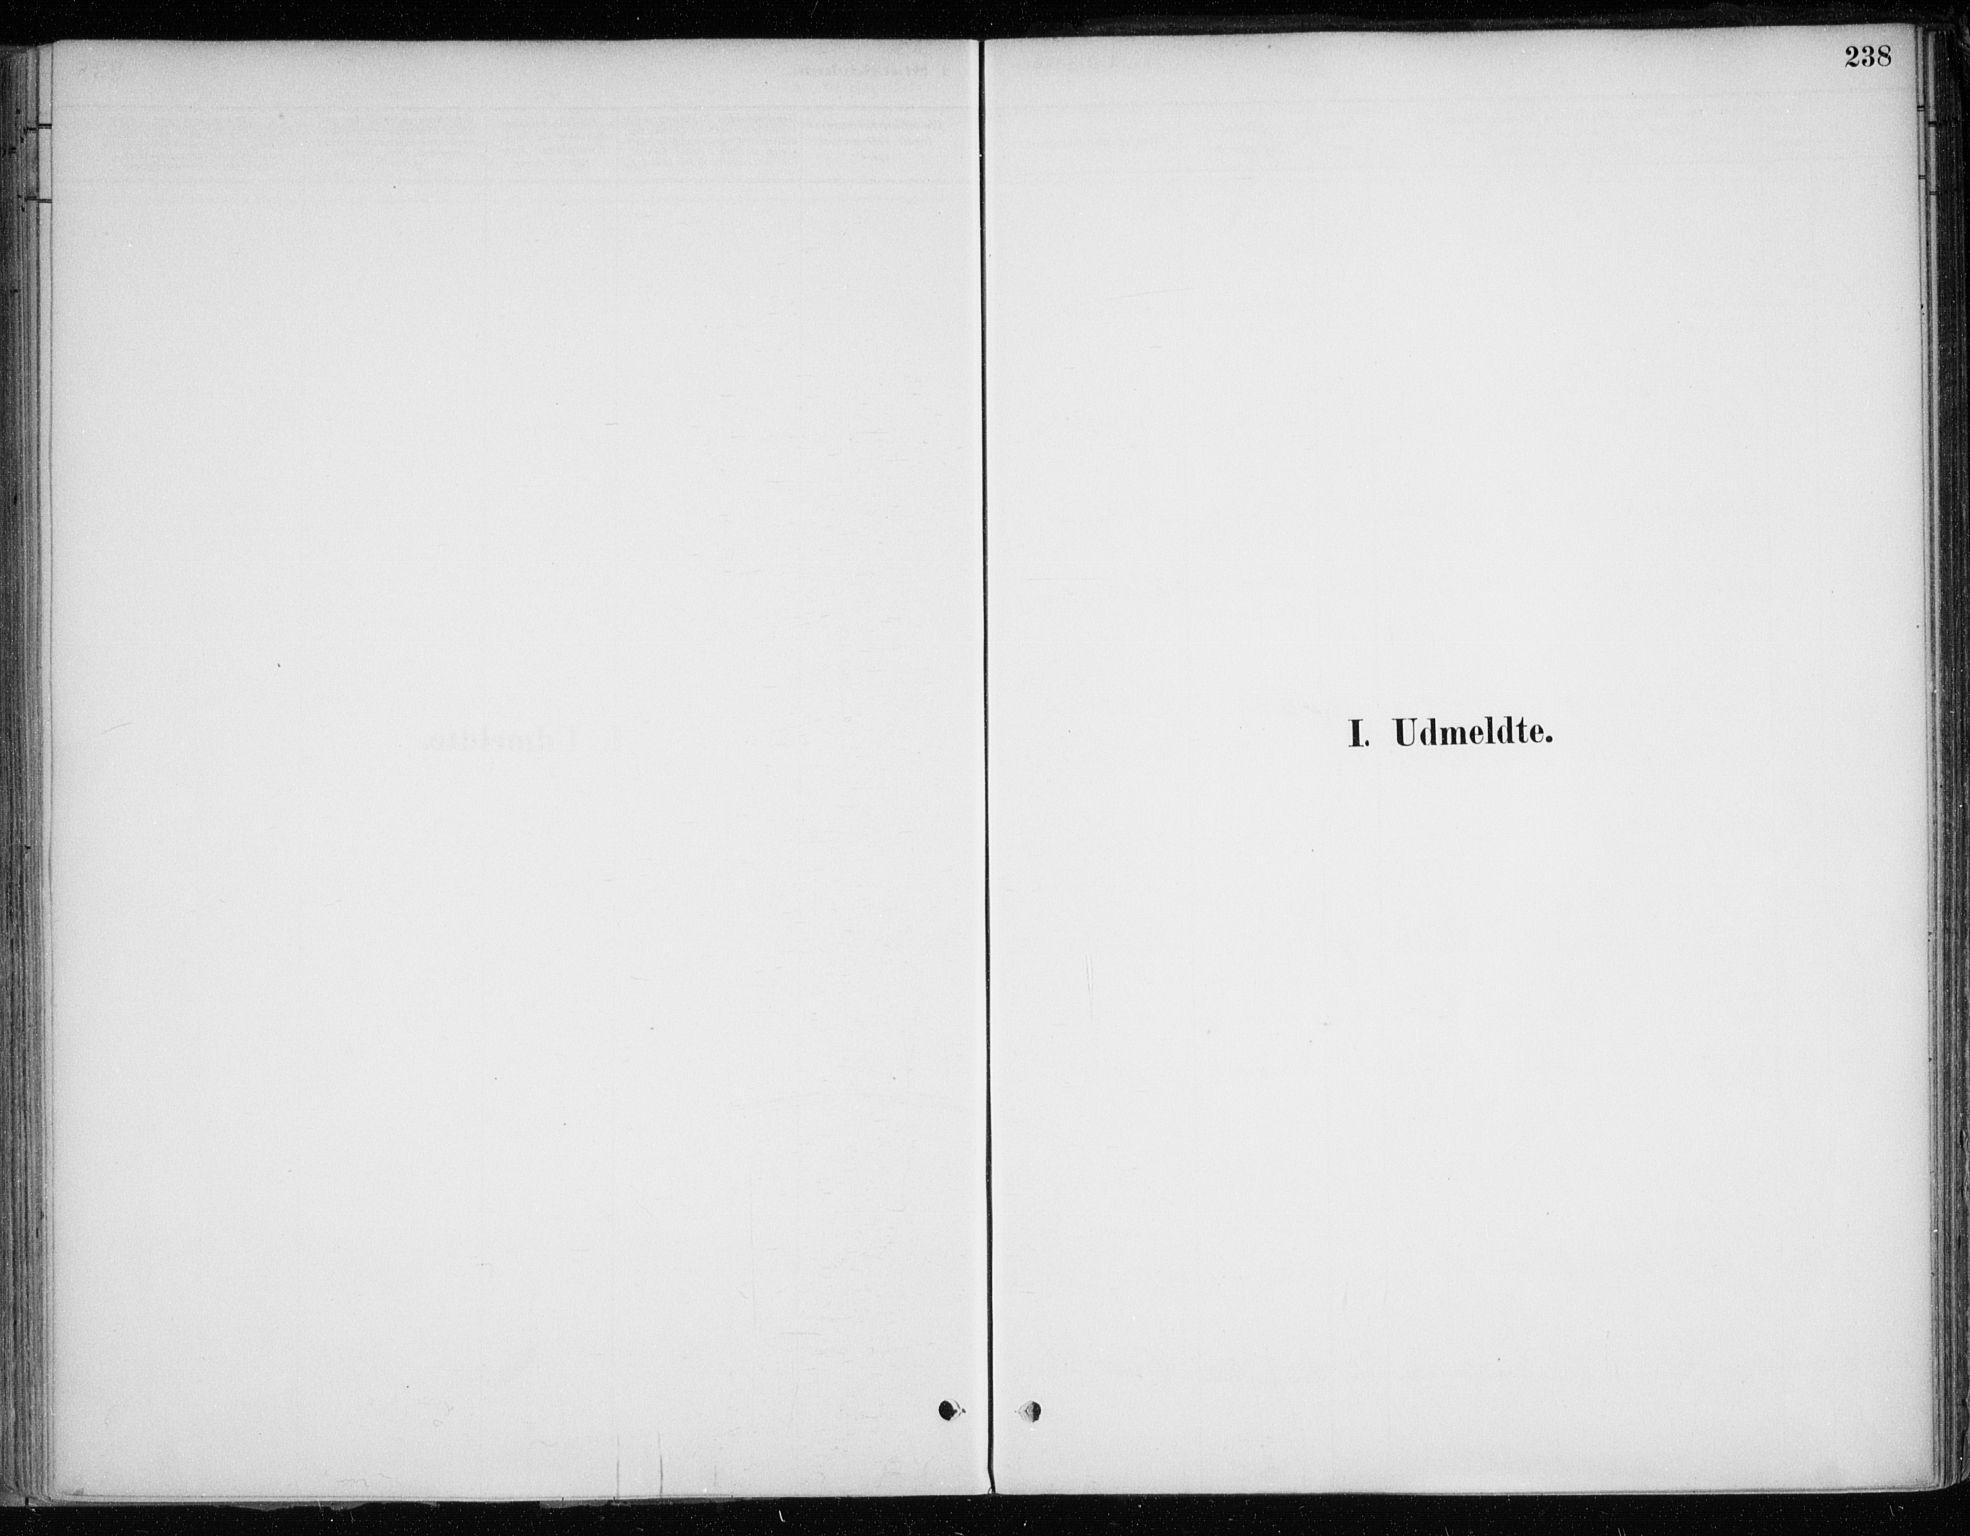 SATØ, Hammerfest sokneprestkontor, H/Ha/L0013.kirke: Ministerialbok nr. 13, 1898-1917, s. 238